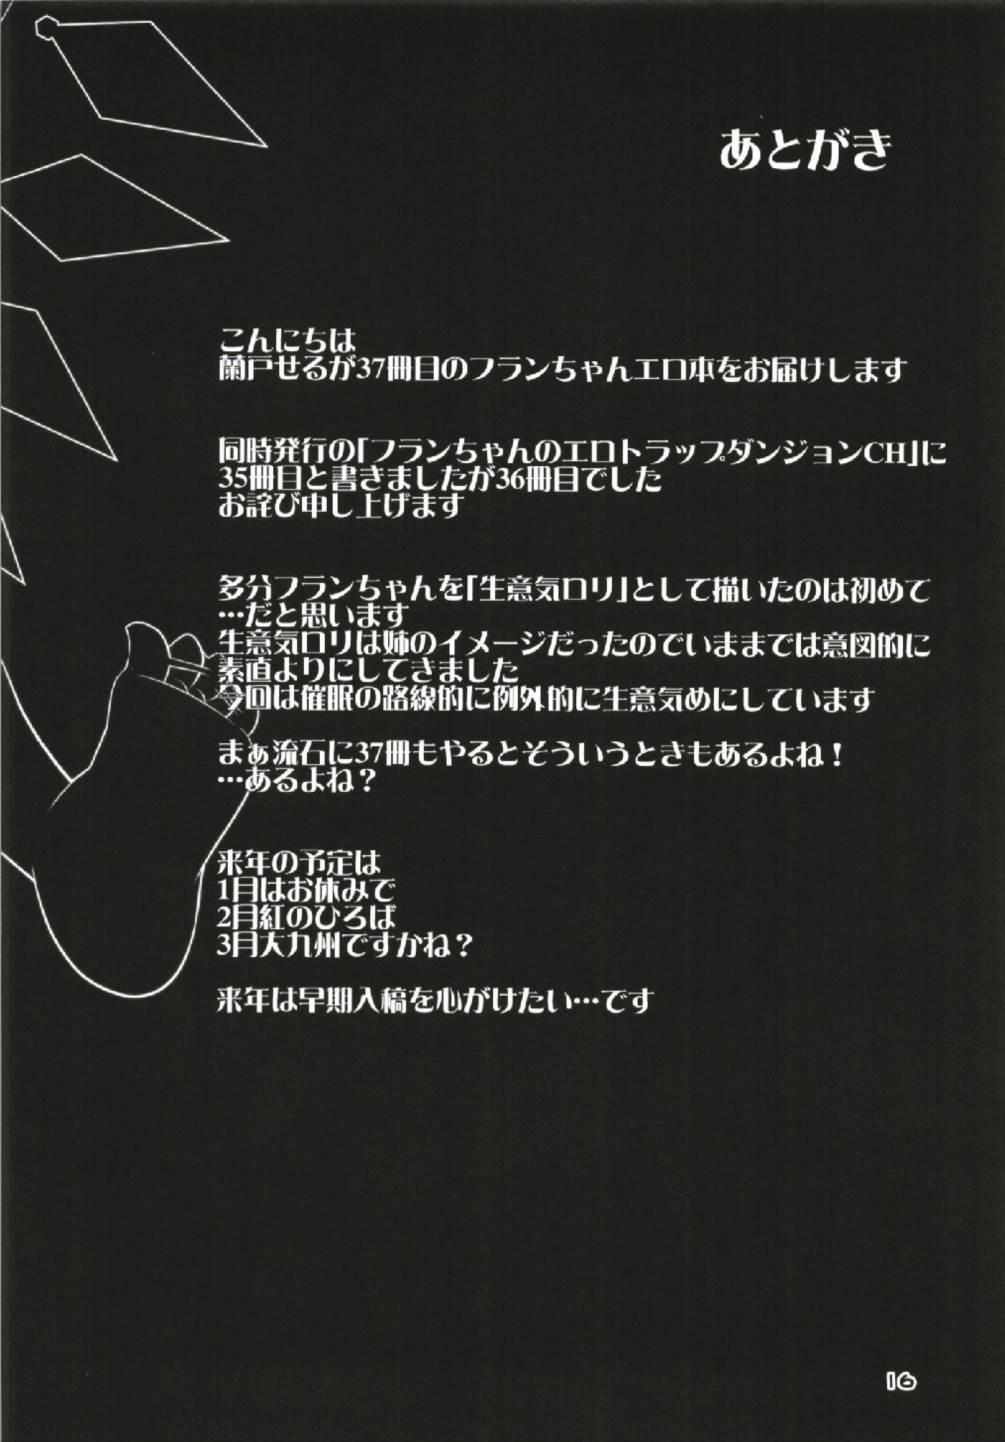 【東方 エロ漫画・エロ同人】フランちゃんに催眠かけてランドセル背負ったまま二穴開発、全裸ランドセルでお散歩wwwww (15)